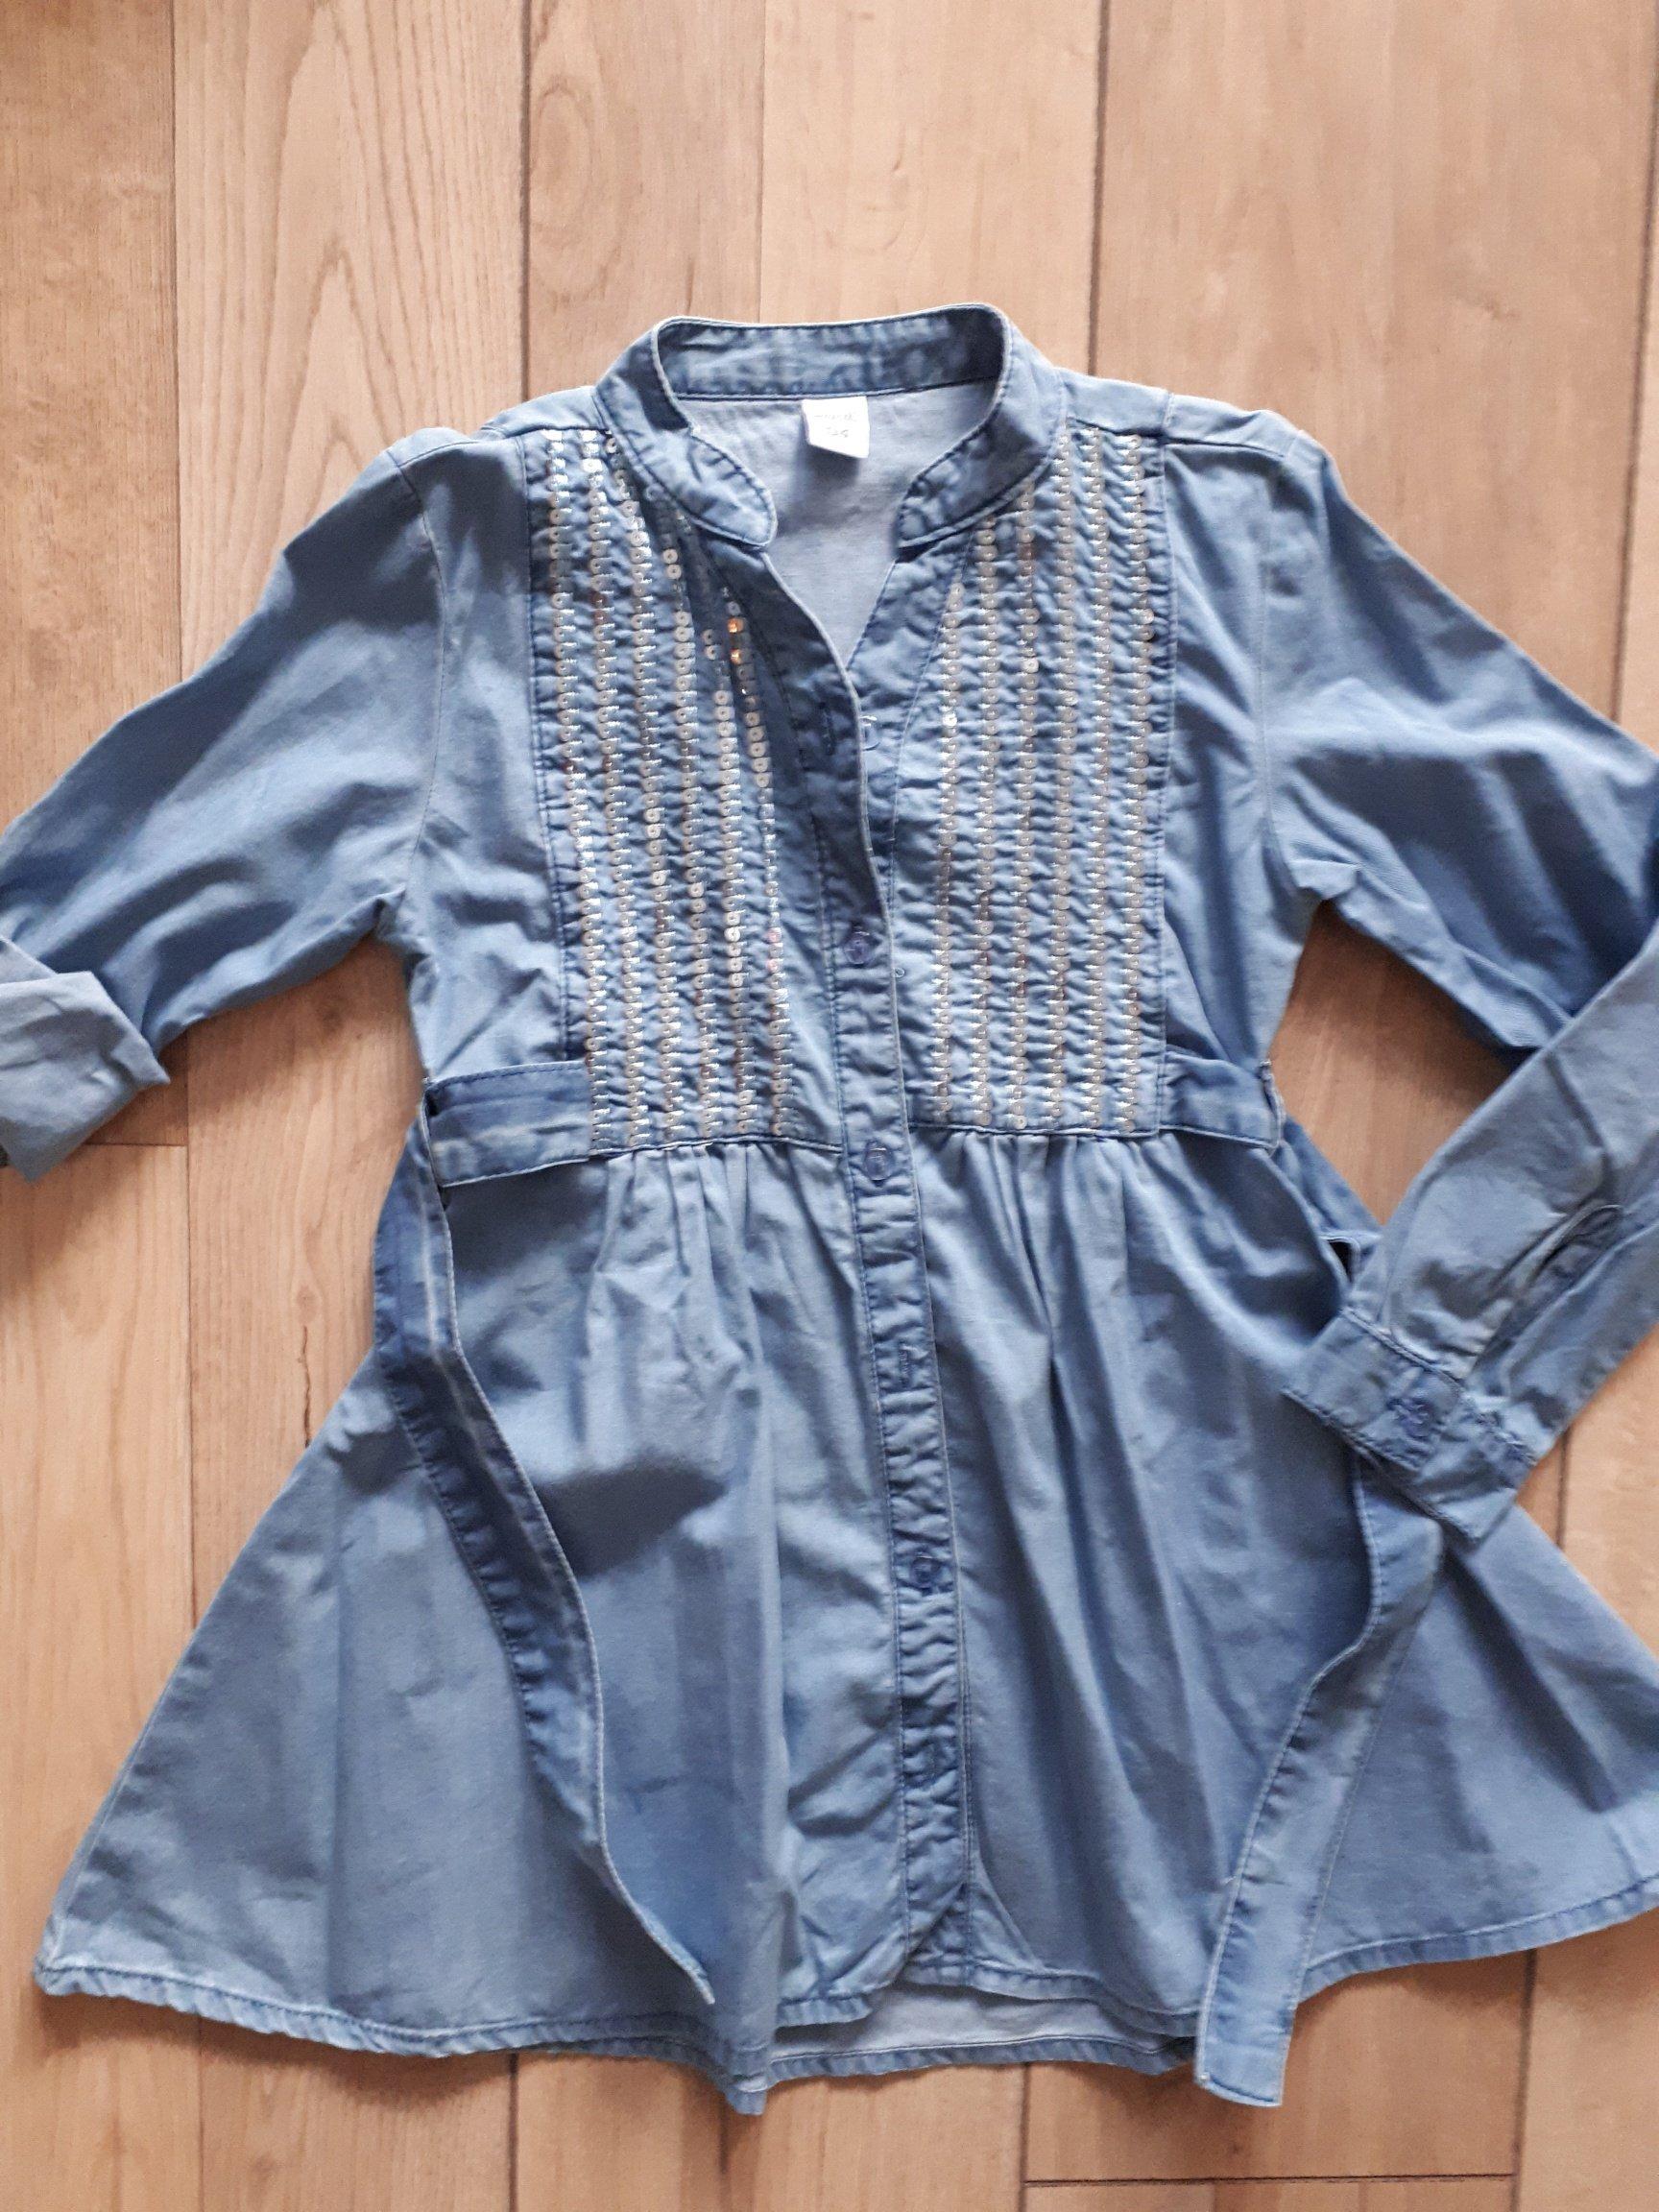 abfc22d03b Sukienka jeansowa WÓJCIK rozm. 134 - 7114155040 - oficjalne archiwum allegro